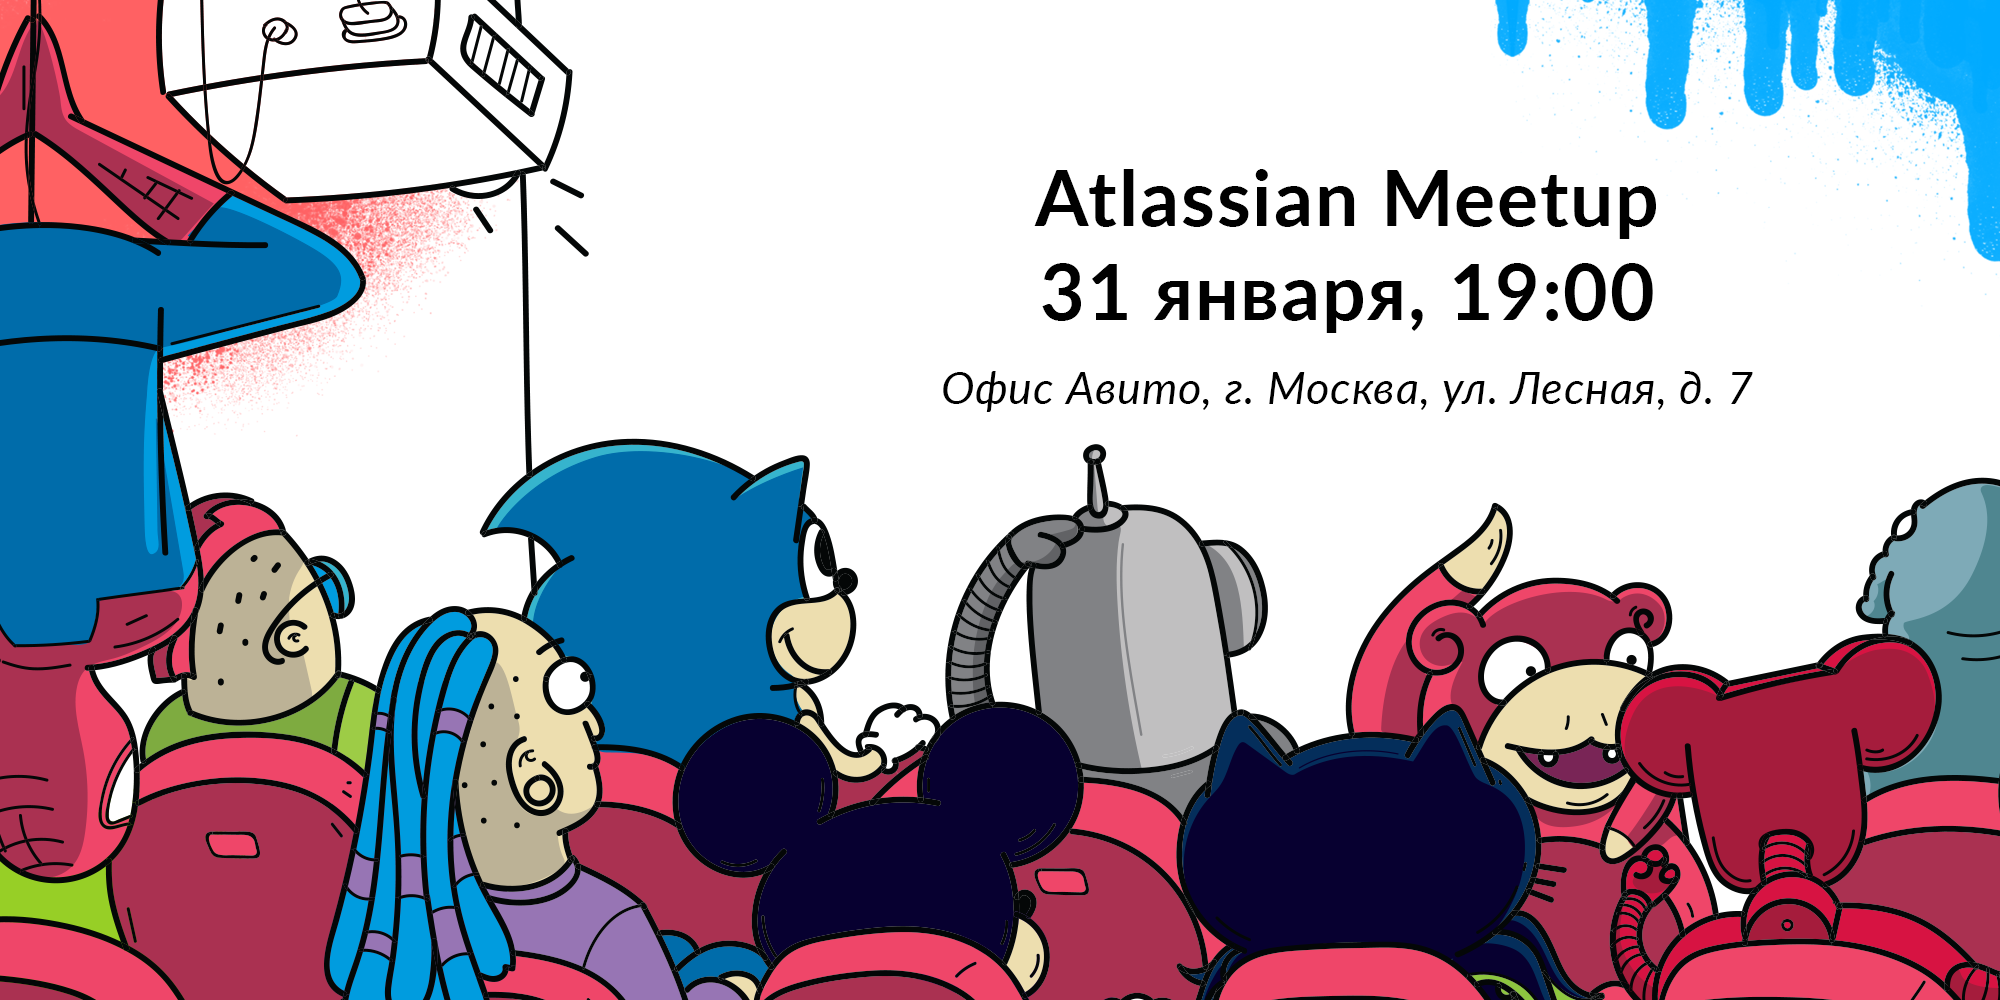 Прокачиваем Atlassian Service Desk — анонс митапа и прямой трансляции - 1